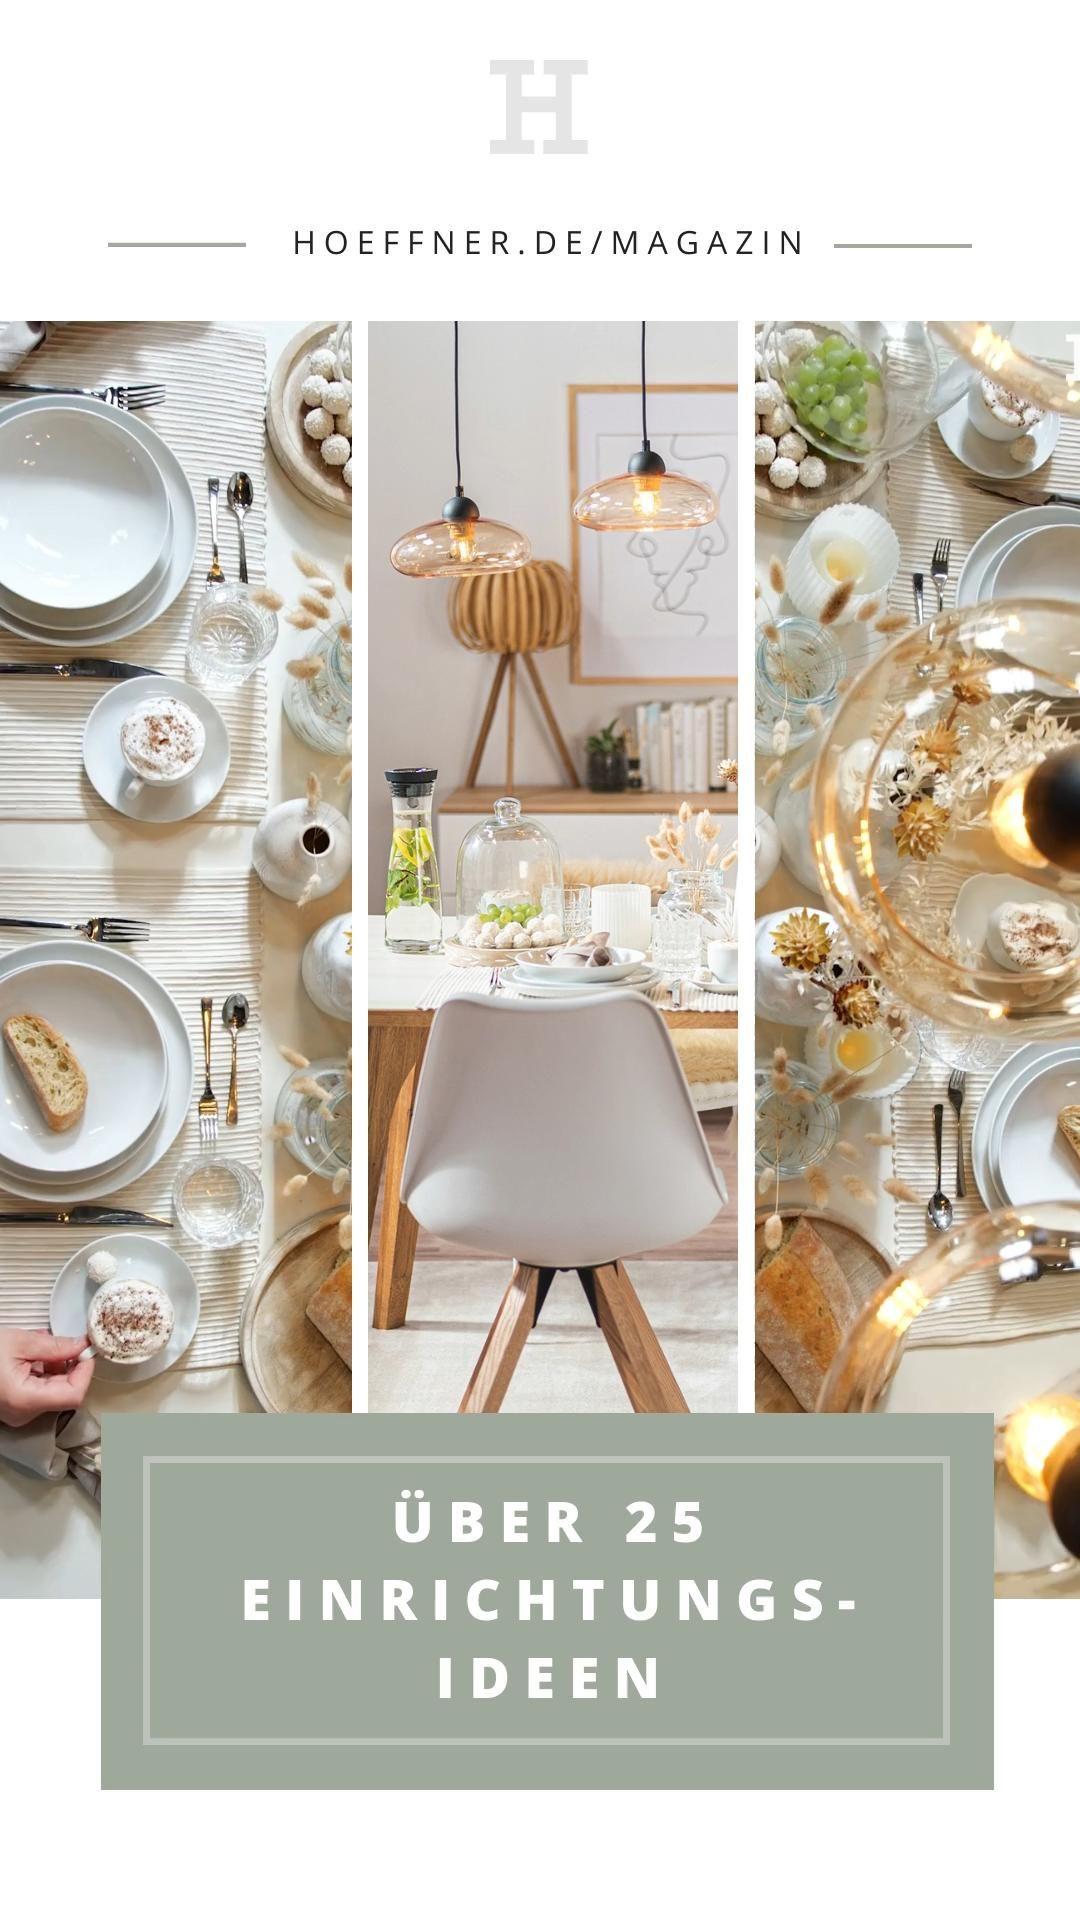 Photo of Entdecke jetzt über 25 Interior Looks für dein Zuhause | Inspirierende Styles einfach dekorieren